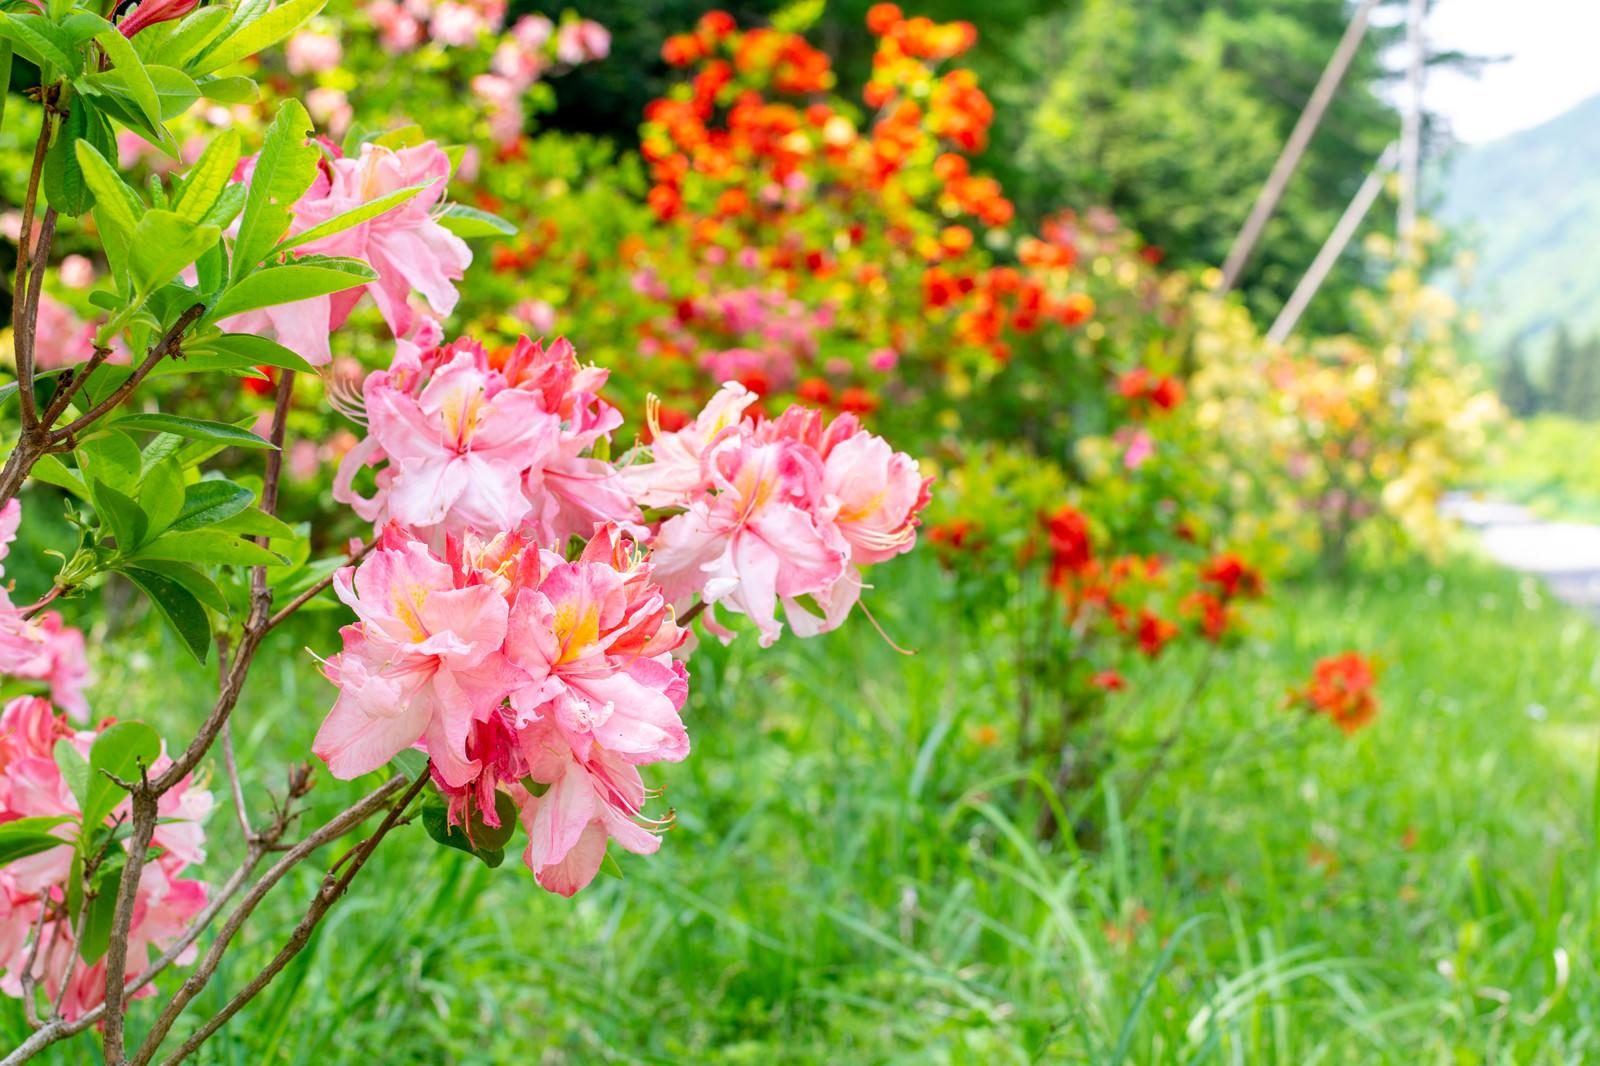 「道端に咲くアザレア(西洋ツツジ)」の写真